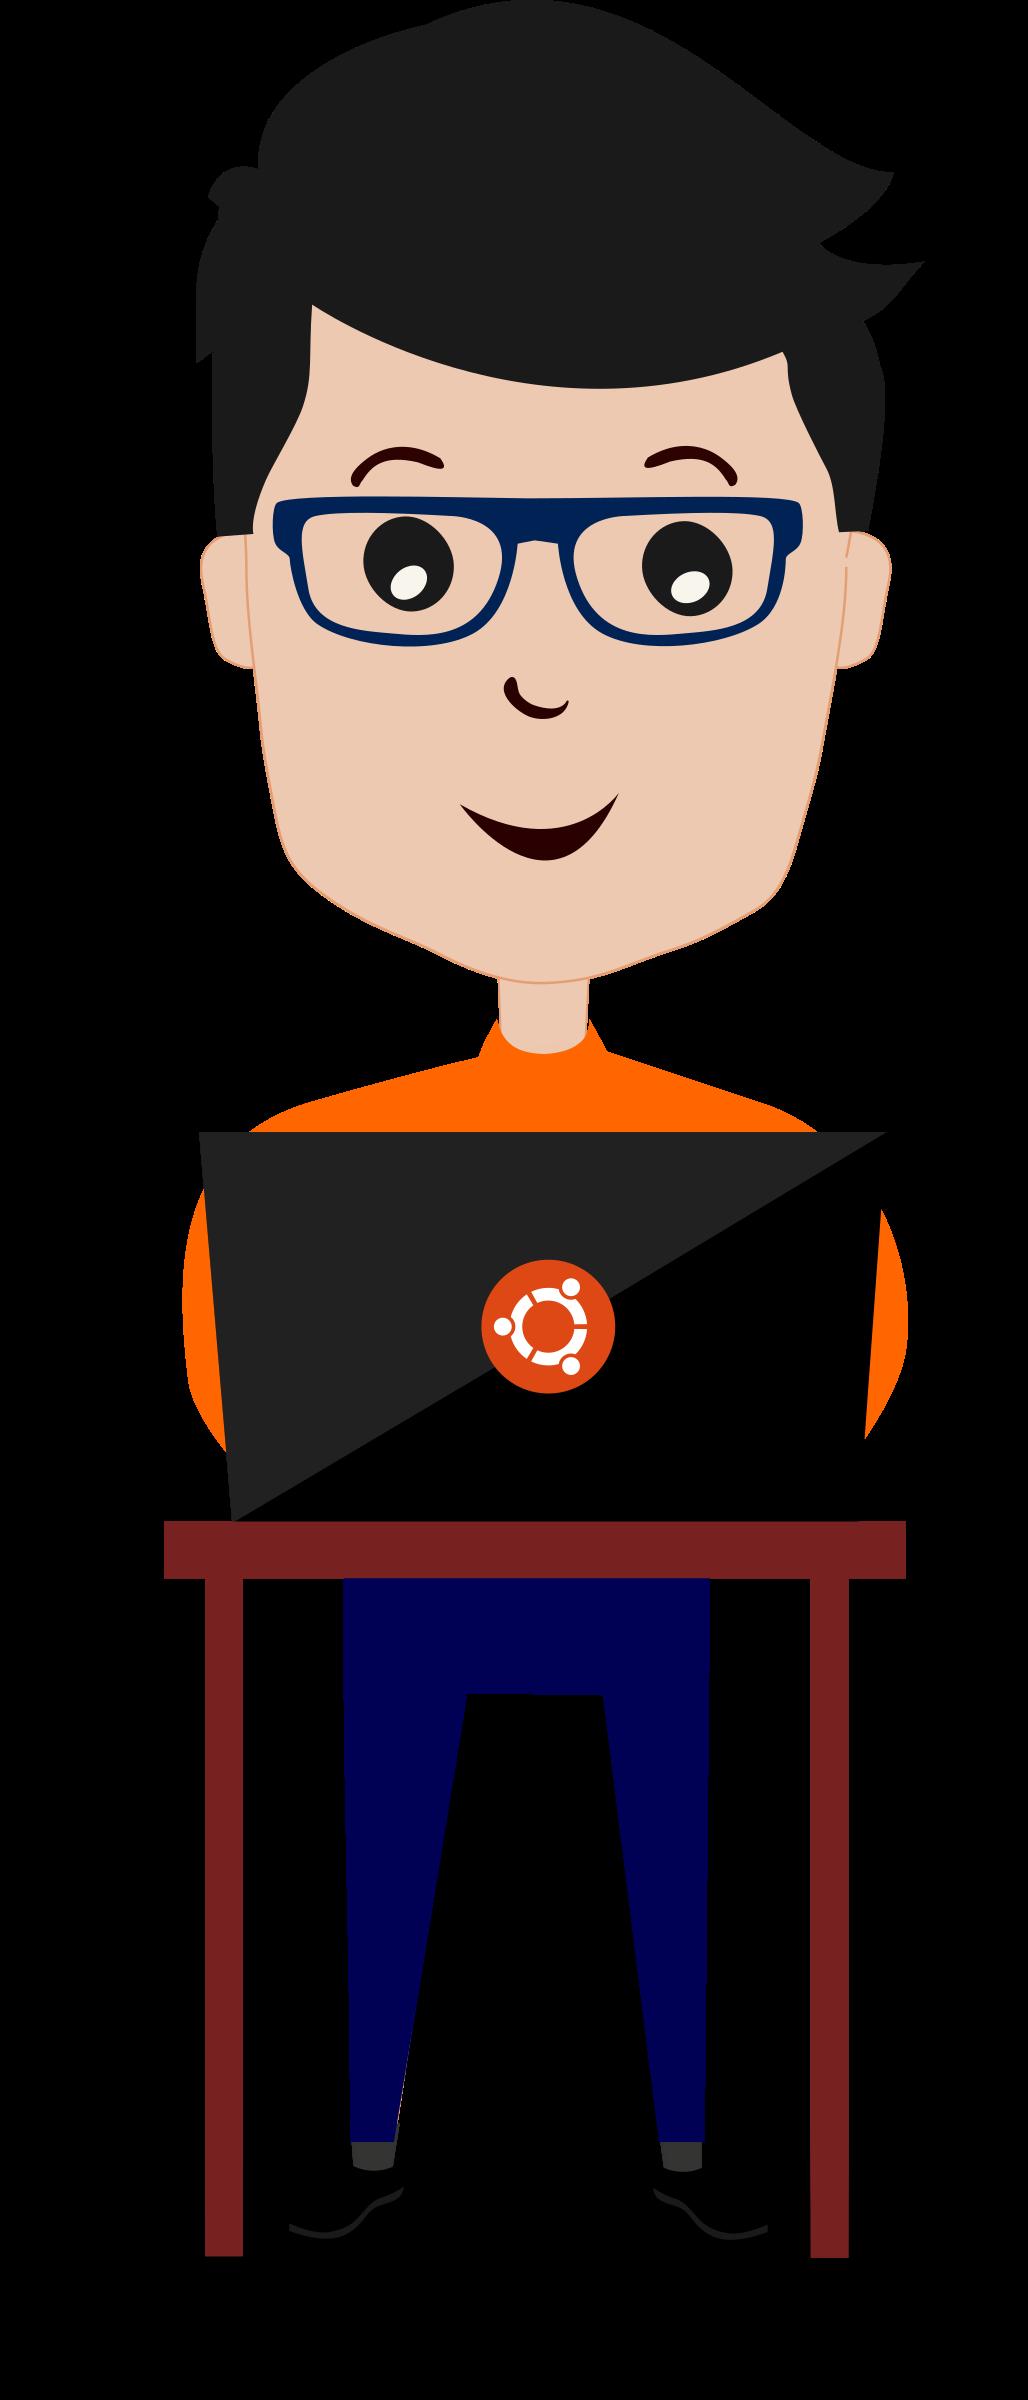 Ubuntu clipart #10, Download drawings